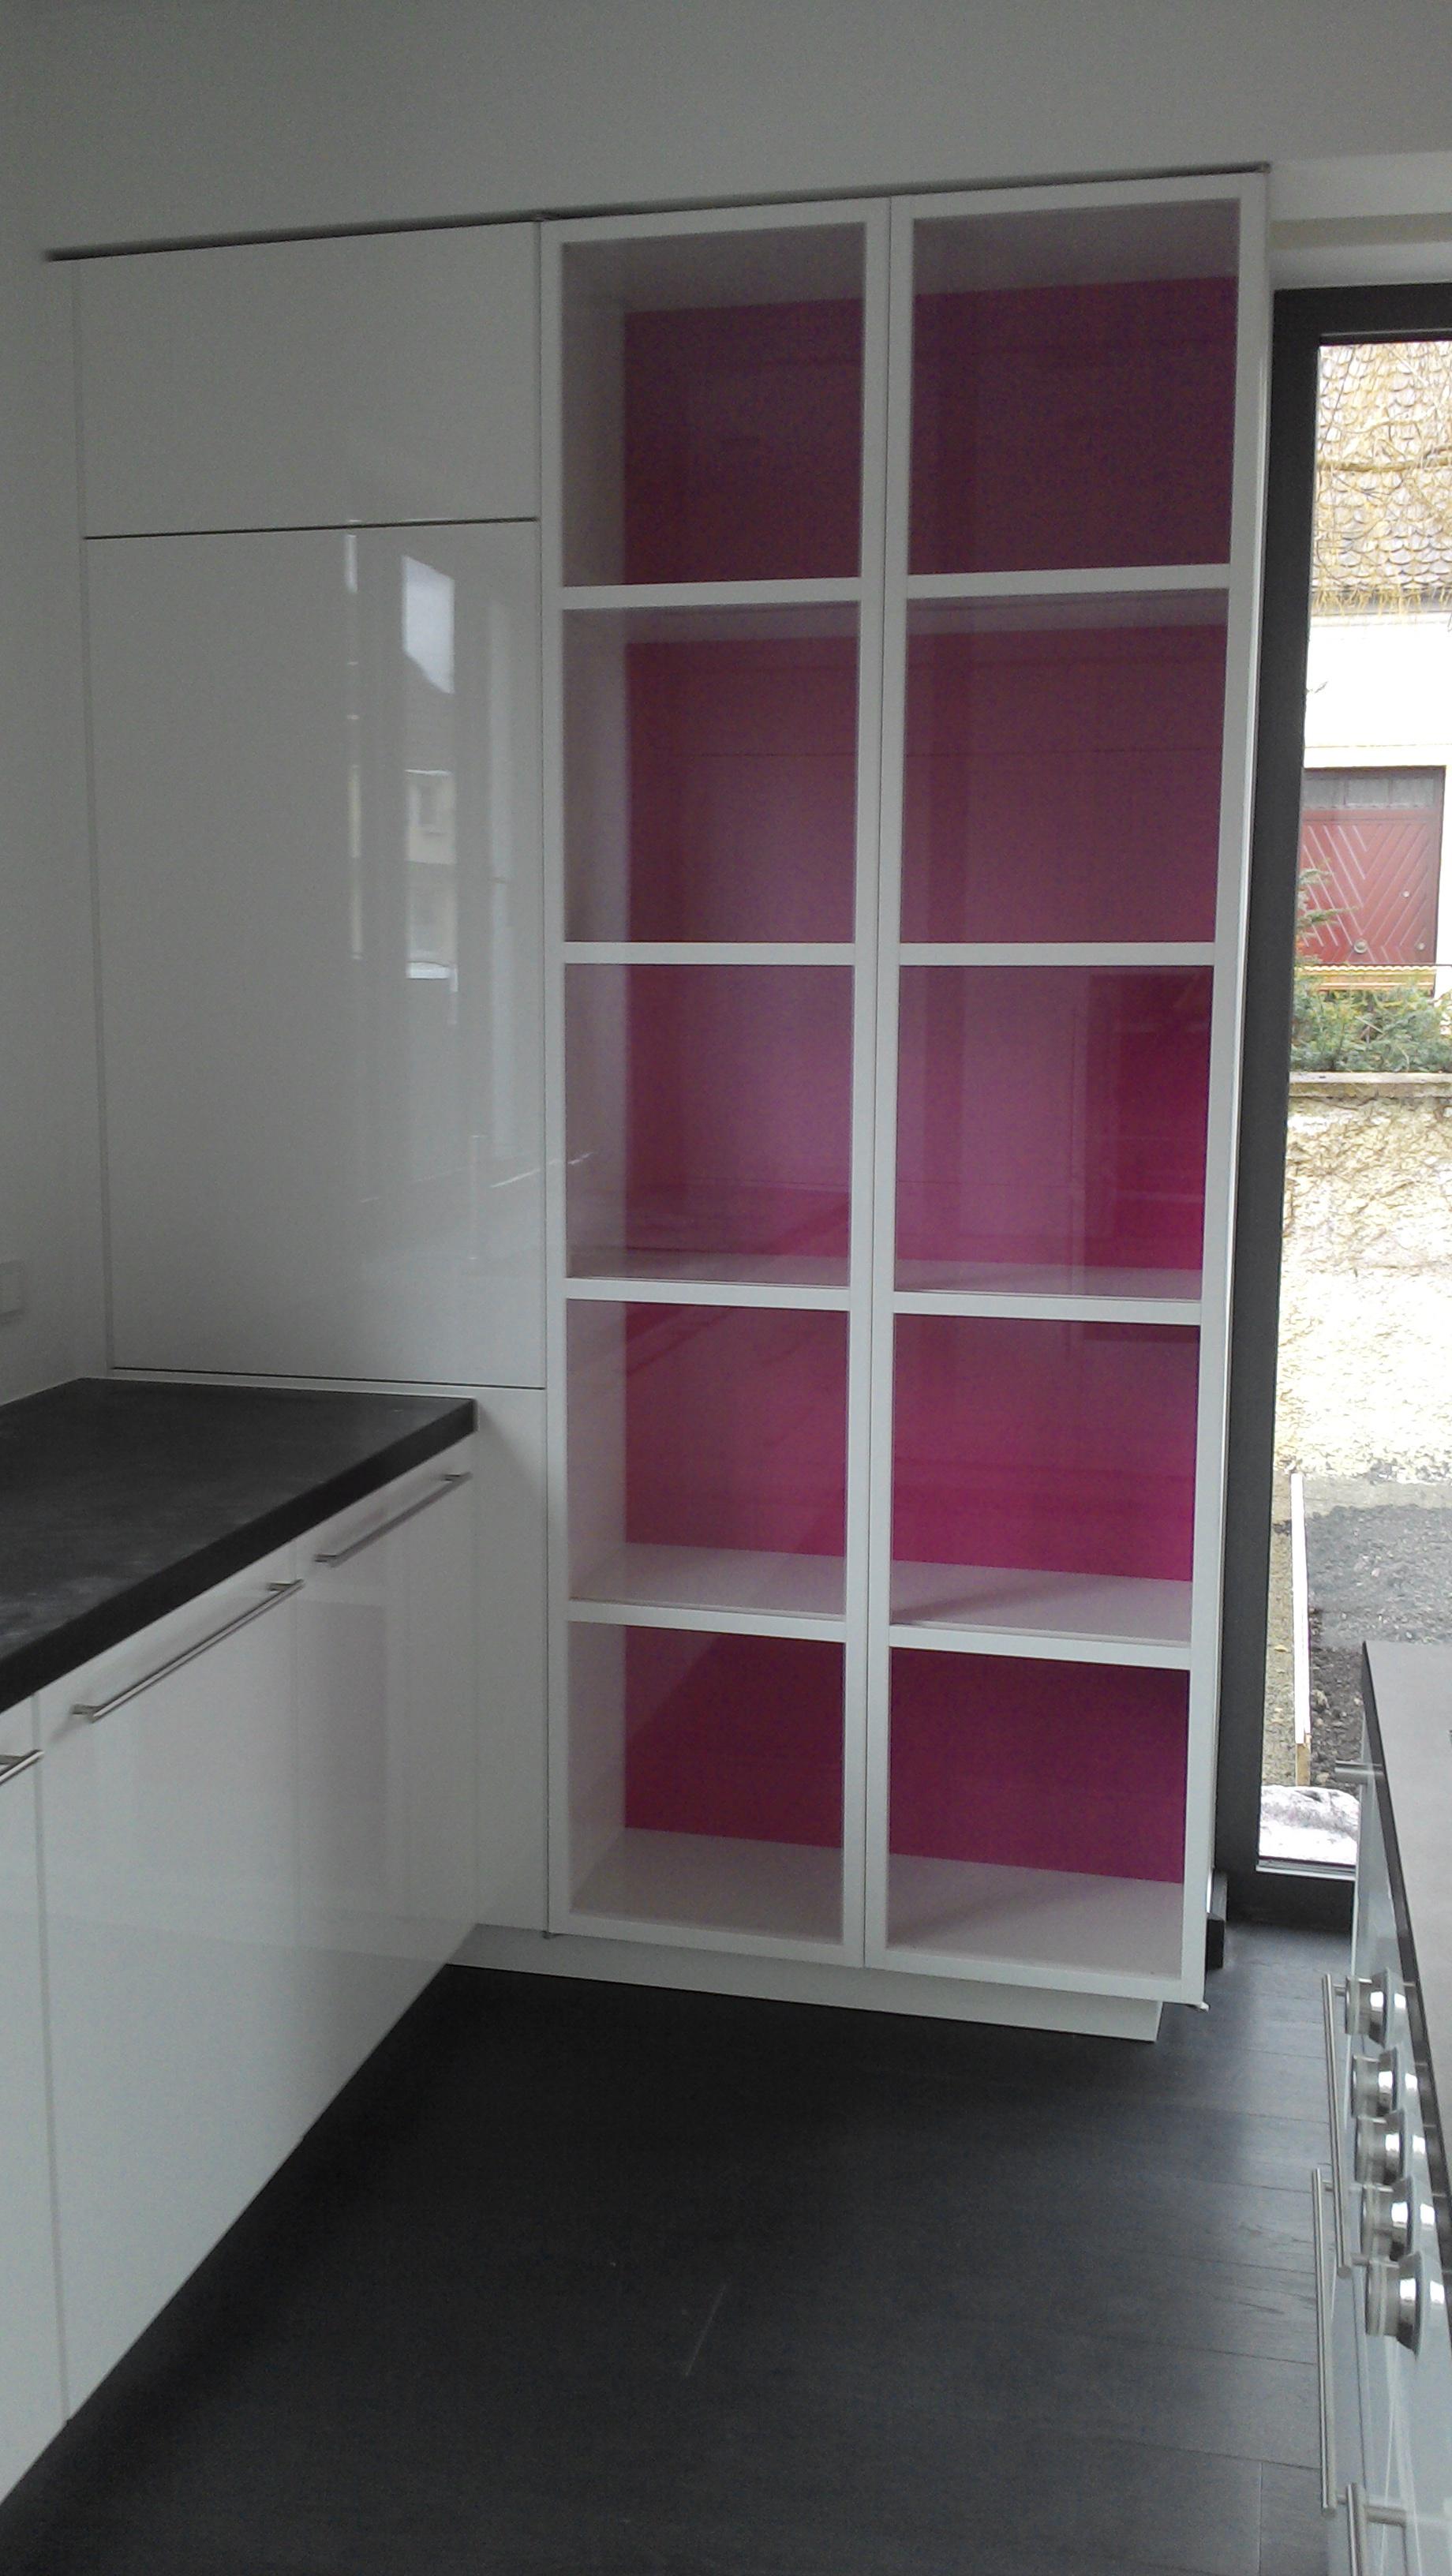 Küchenglasvitrine in hochglanz lackiert